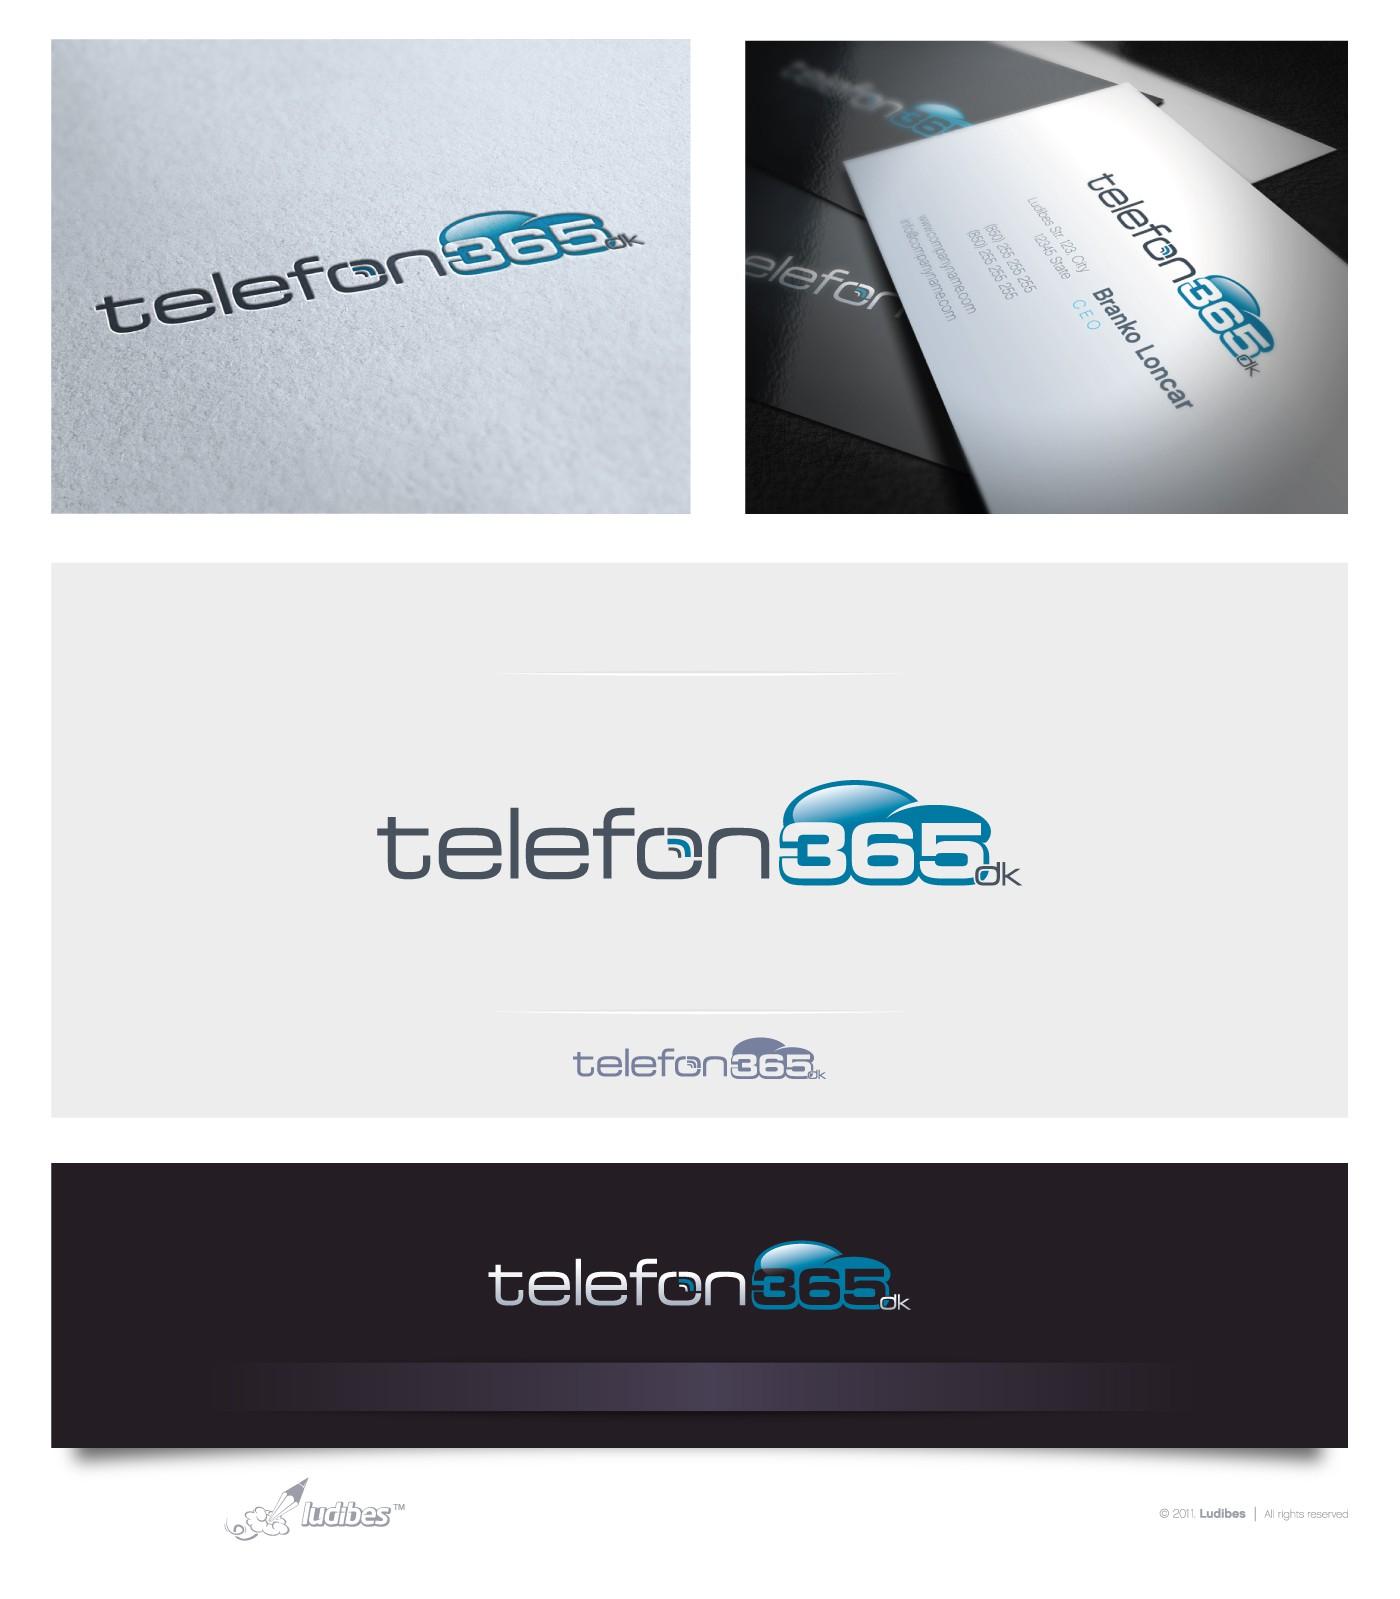 logo for Telefon365.dk